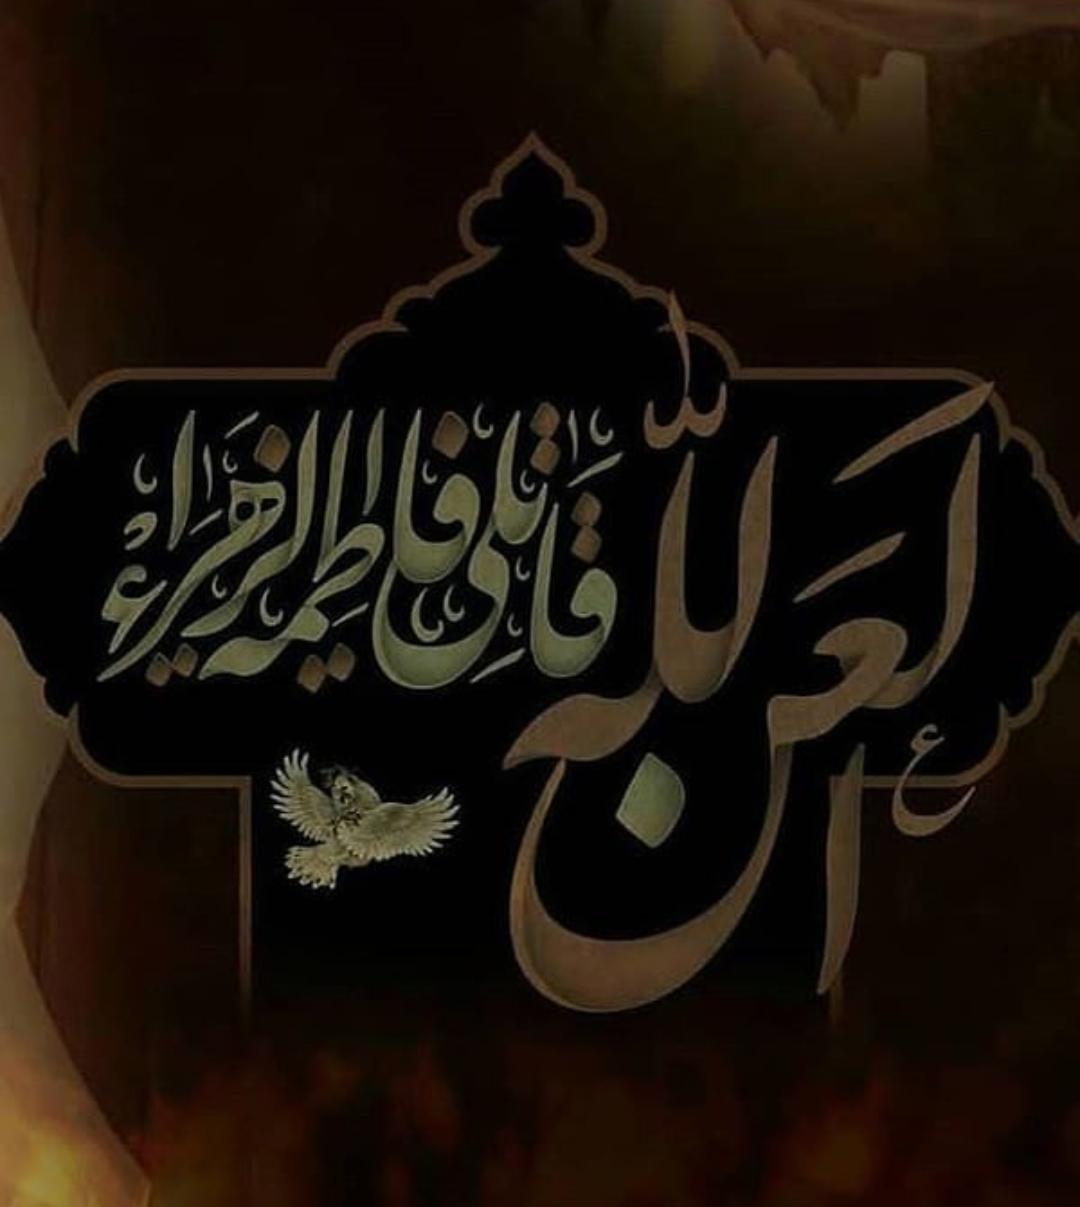 """شهادت جانسوز حضرت زهرا س -(ای سقیفه ننگ بادا بر شما """"کی شنیدی بت شود جای خدا""""؟)"""